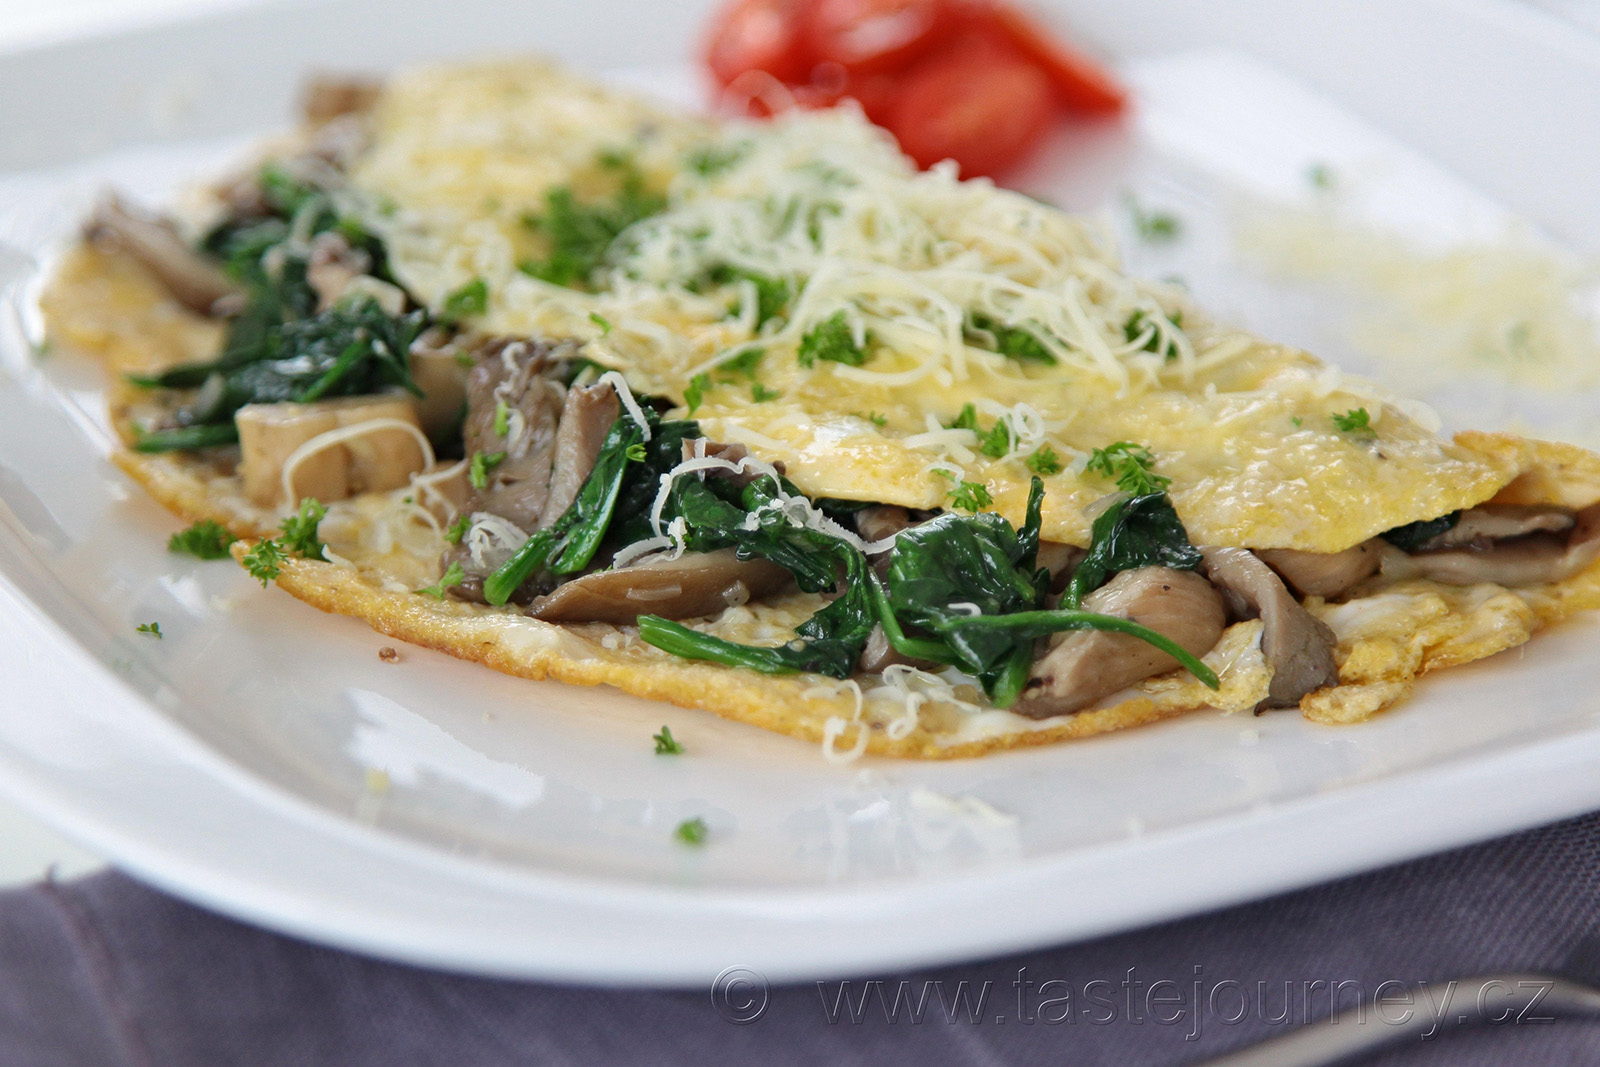 Omeleta plná proteinů s hlívou ústřičnou